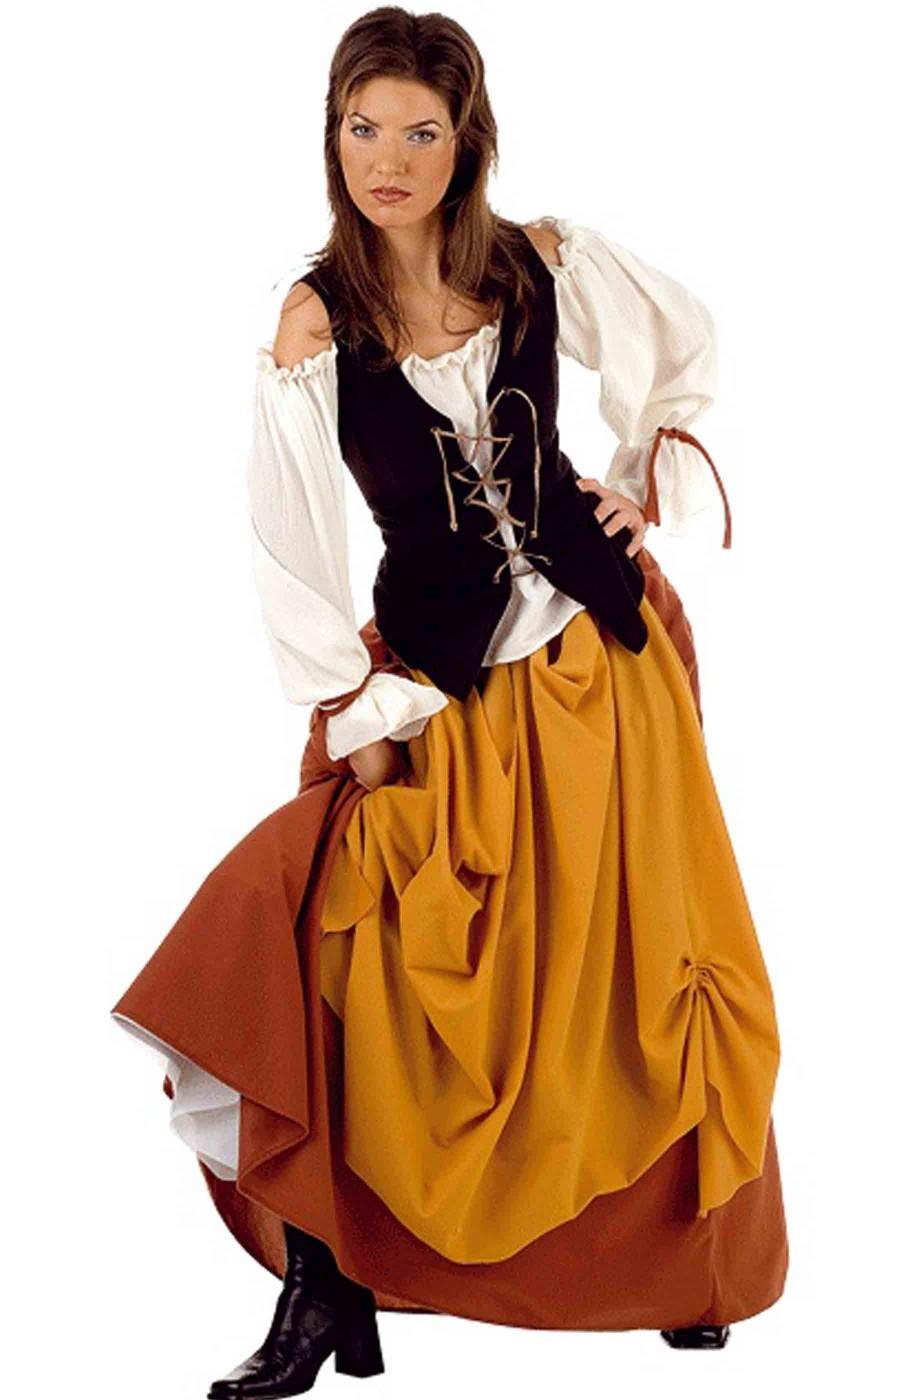 vestito di carnevale adulto pirata corsara bucaniere zingara popolana 19a38c9bcae